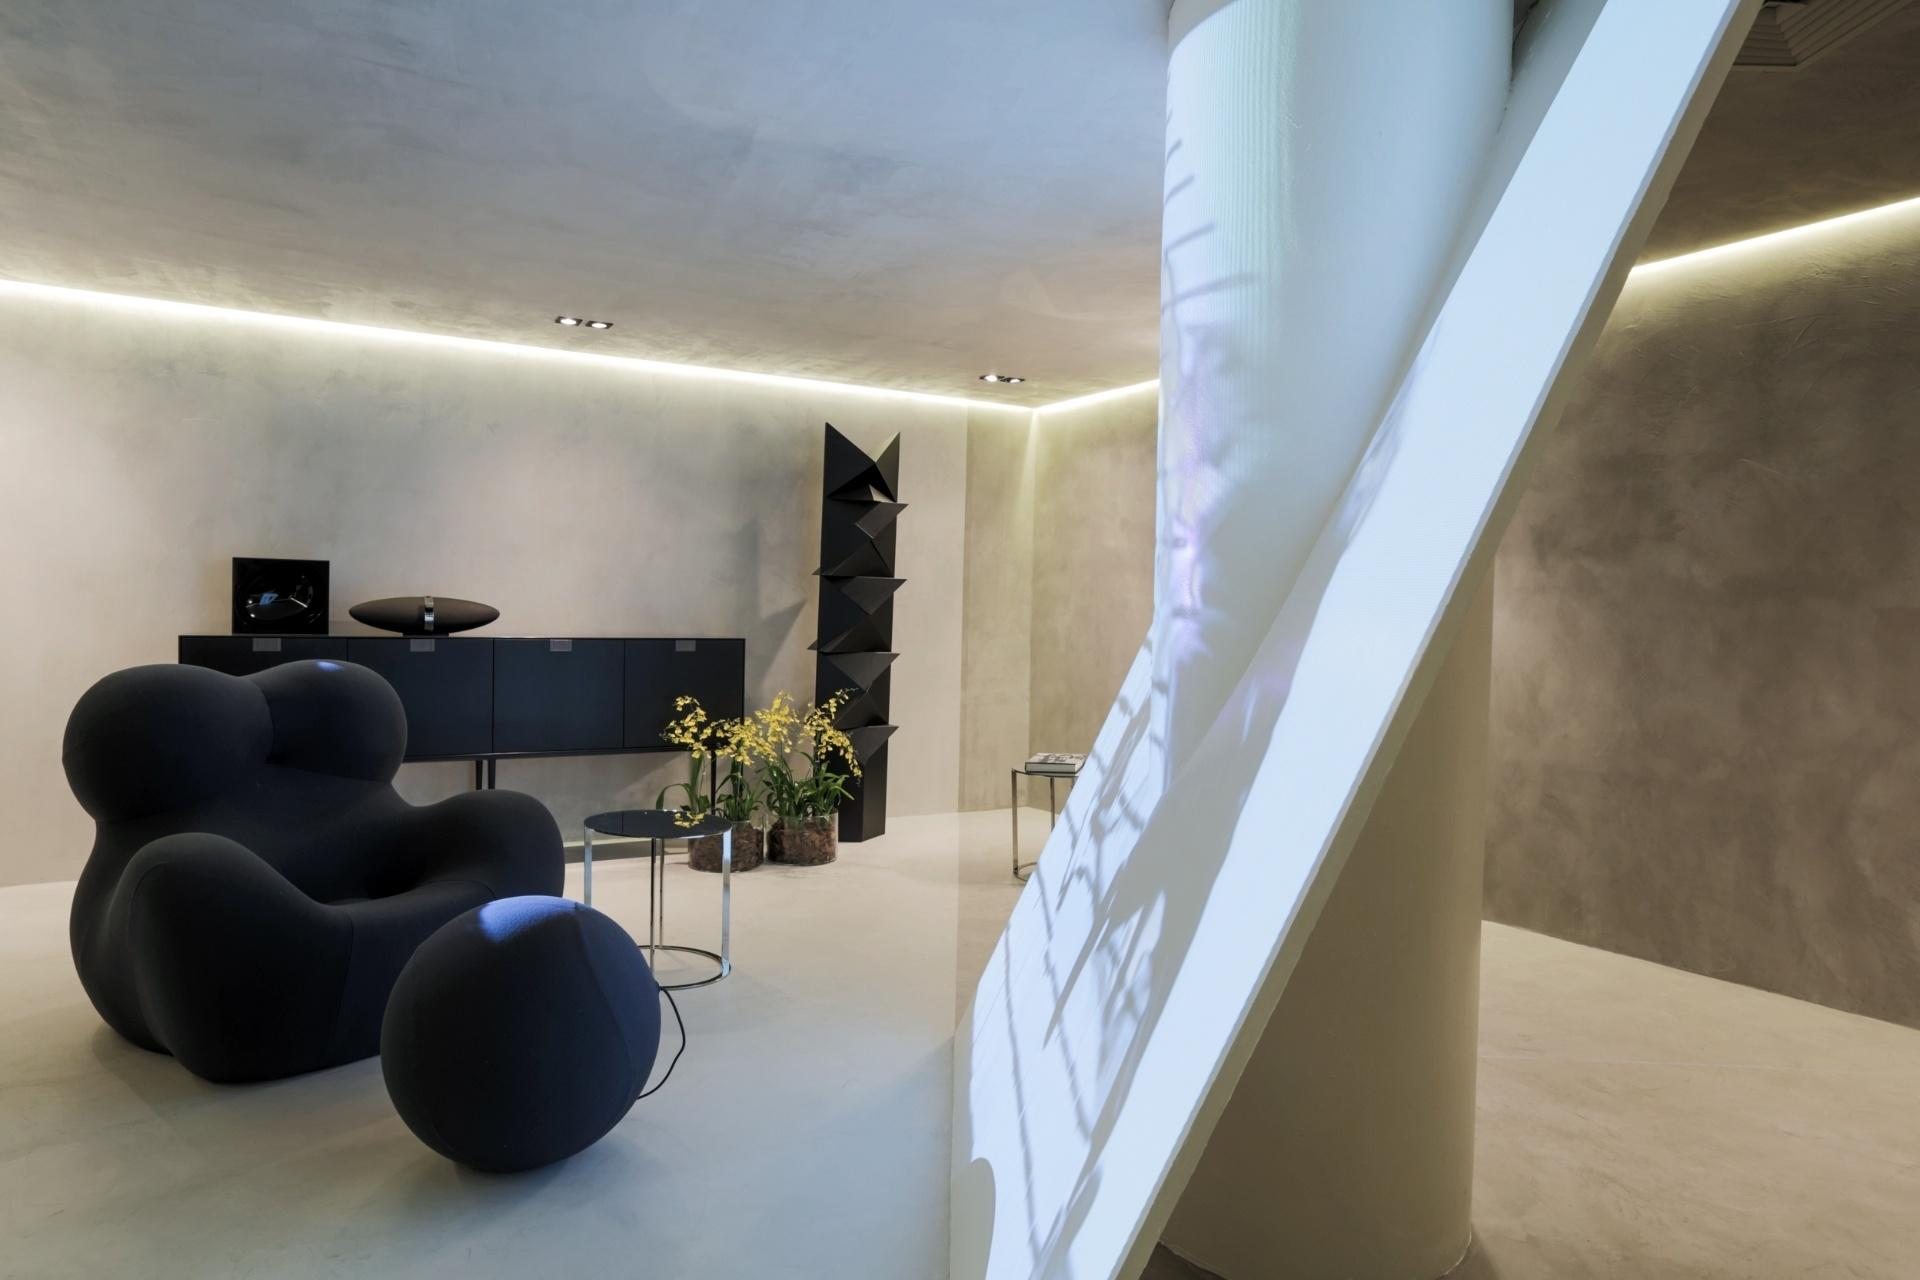 Branco, preto e tons de cinza definem a sala de estar assinada por Ricardo Bello Dias. O espaço é inspirado em um filme mudo, dirigido por Buster Keaton em 1920, intitulado